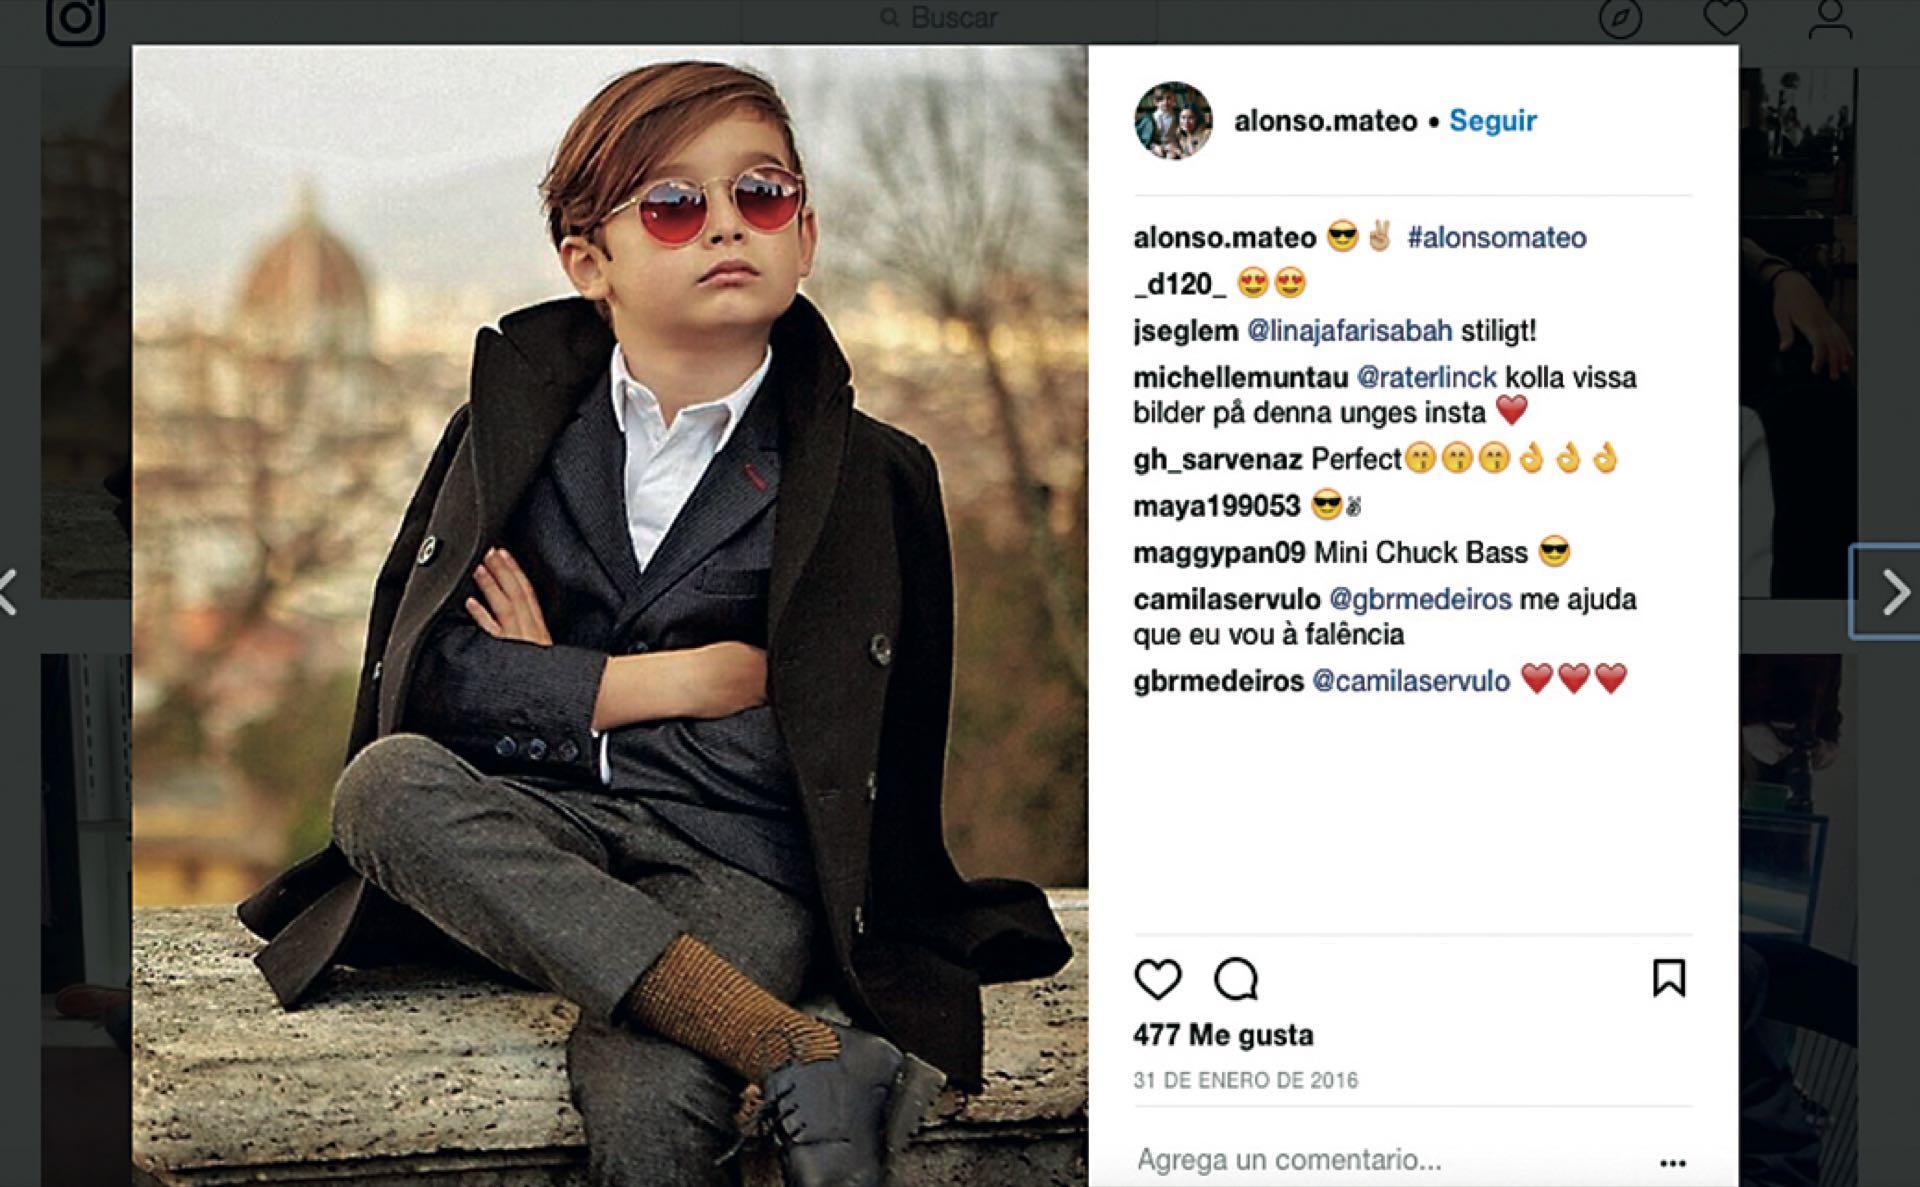 x18 millones de personas siguen la cuenta de Alonso Mateo (@alonso.mateo). Alonso lleva siempre las últimas tendencias en cortes de pelo, ropa y zapatos. Firmas como Gucci, Tom Ford, Jeremy Scott, Diesel y Dior son algunas de las marcas que usa para crear sus outfits.